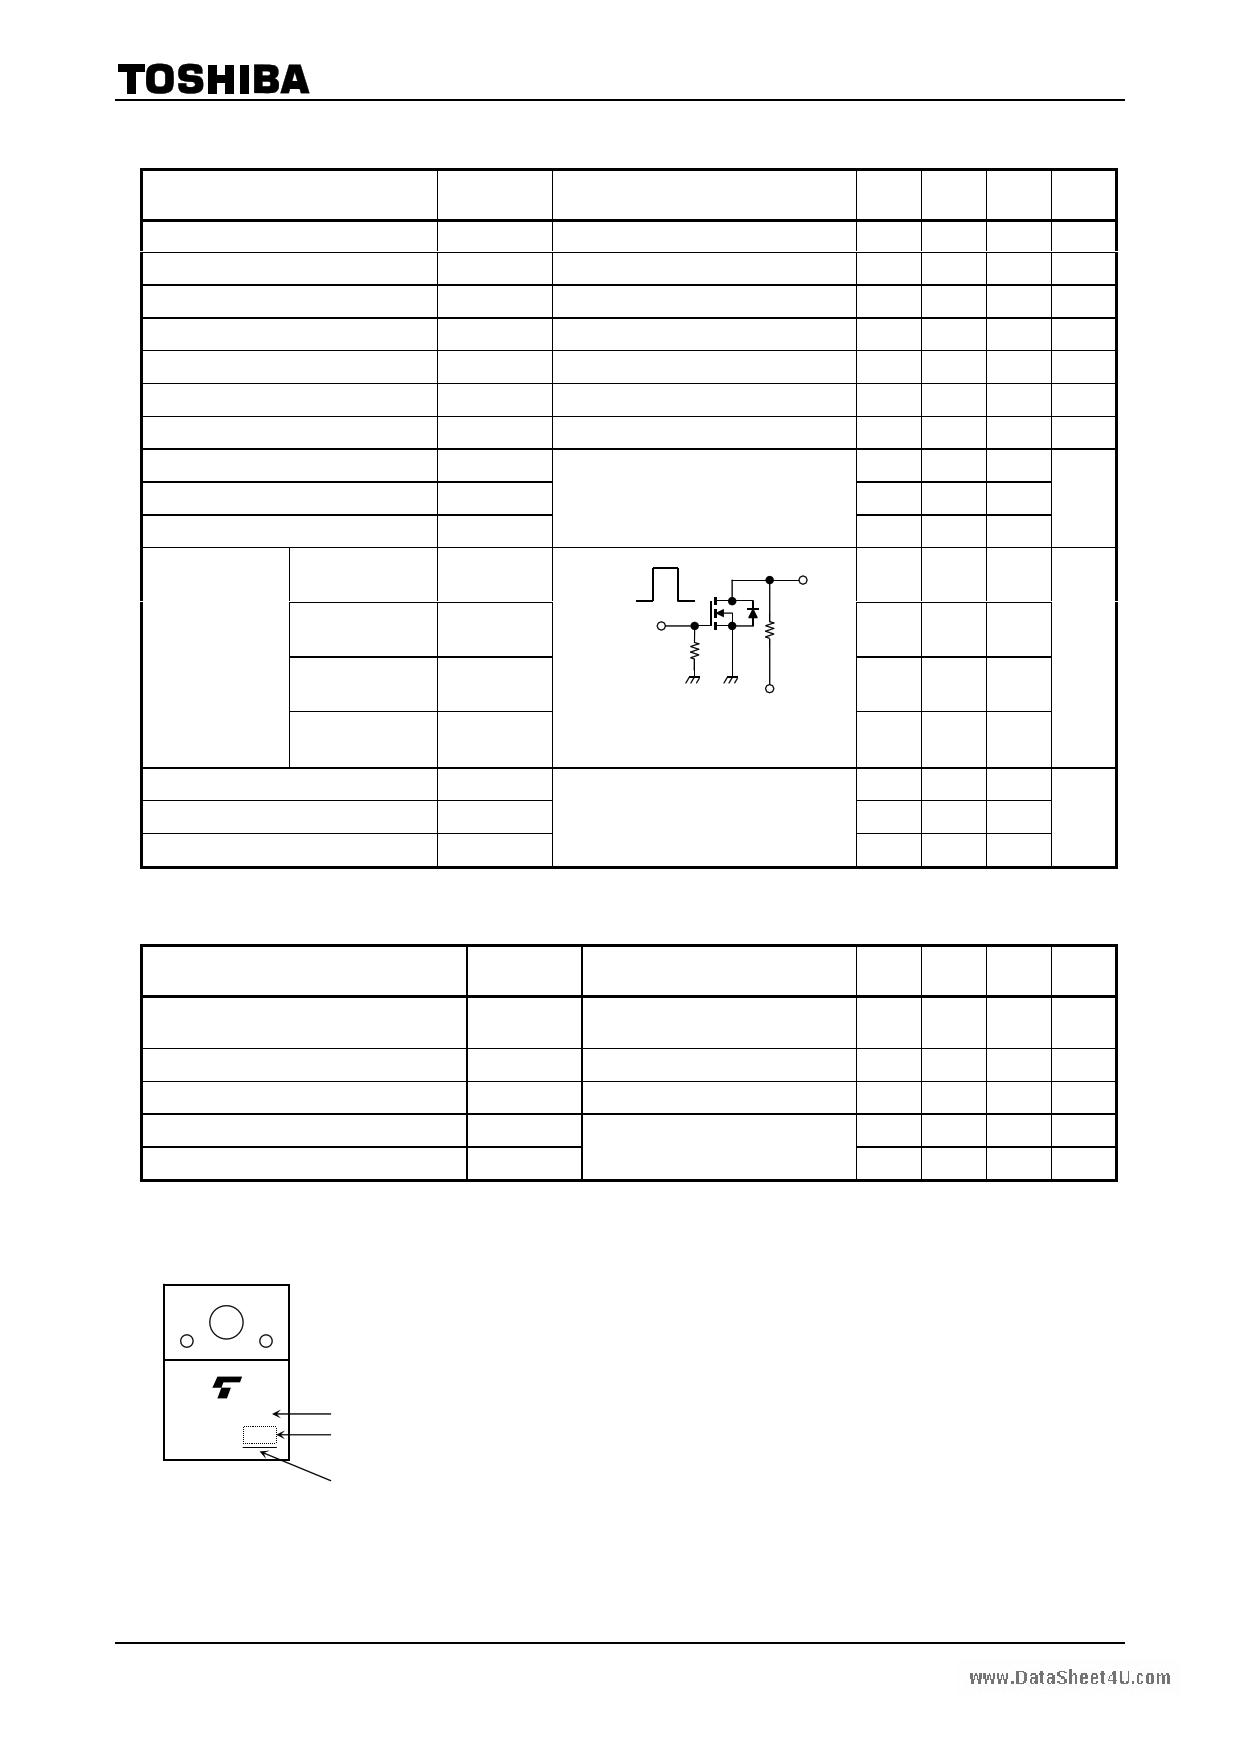 K3568 pdf pinout